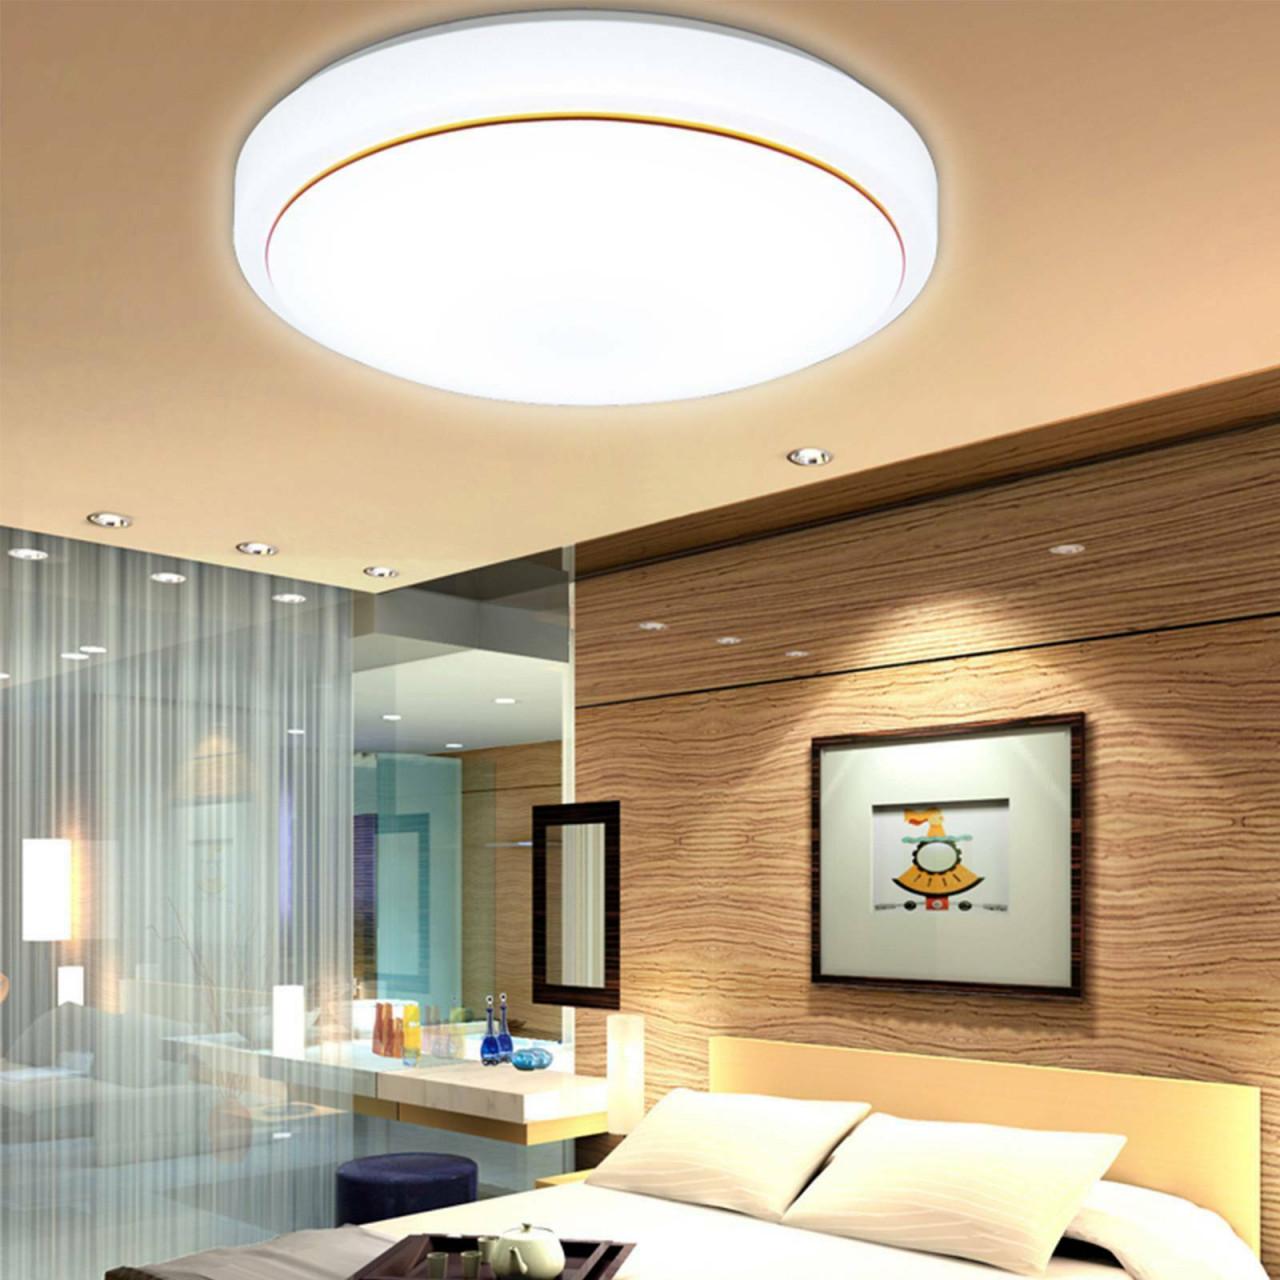 36W Led Deckenlampe Deckenleuchte Wohnzimmer Küchen Lampe Küche 40Cm Runde  Licht von Led Lampe Wohnzimmer Photo